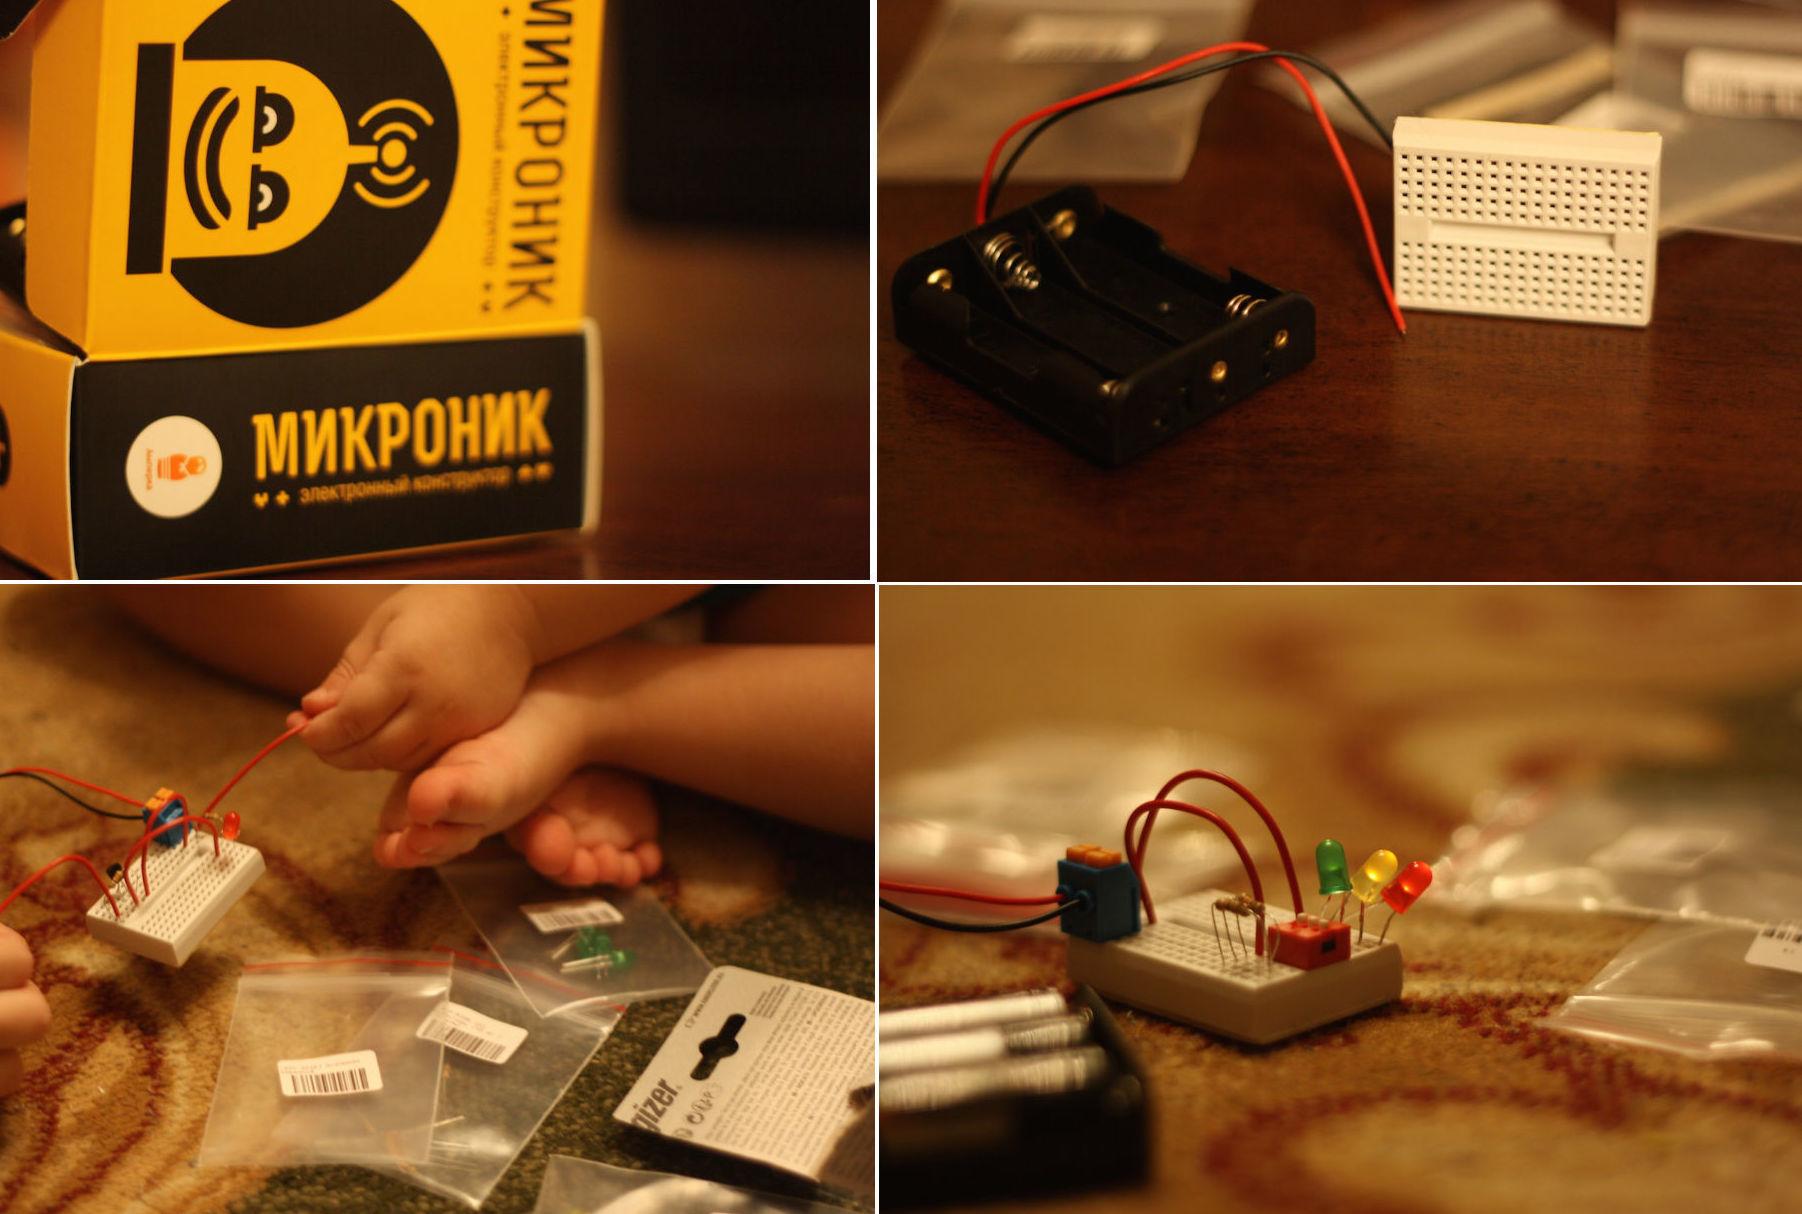 Микроник — электронный конструктор для детей. И для таких взрослых, как я - 1